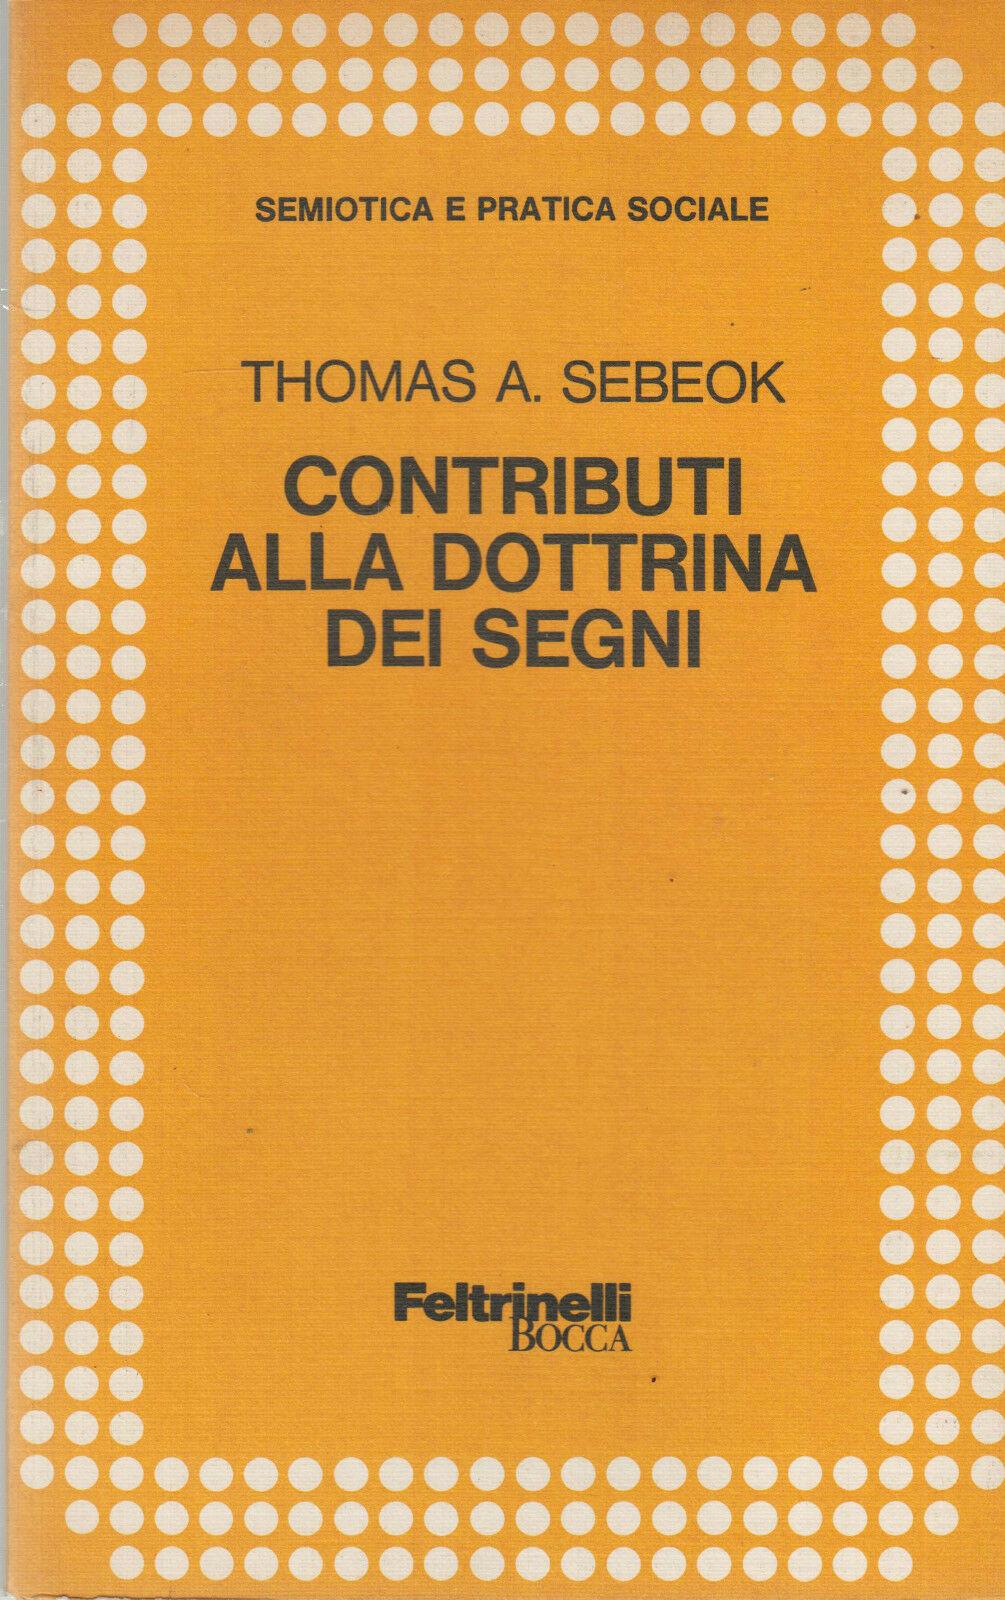 Contributi alla dottrina dei segni